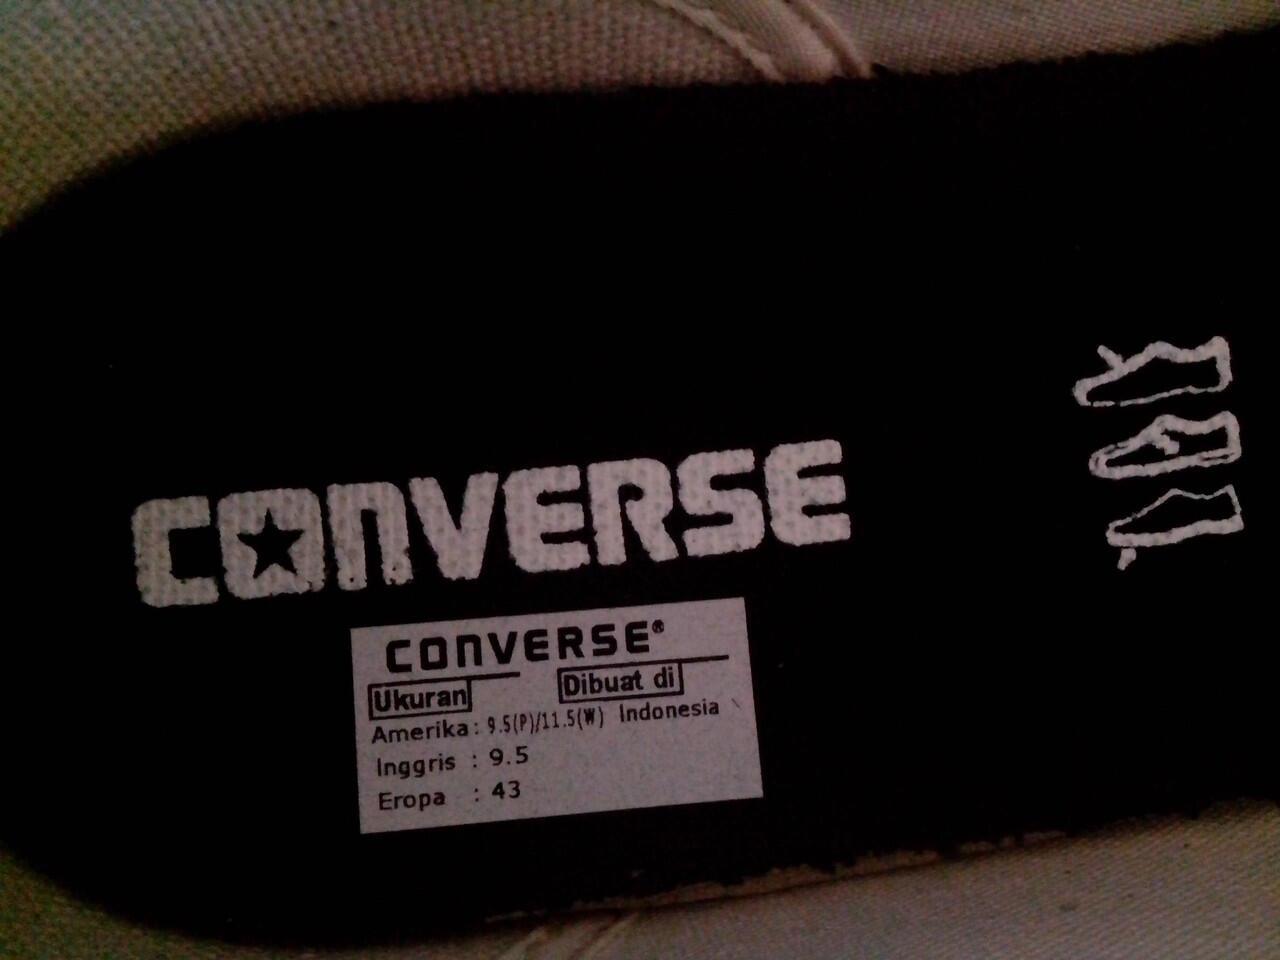 Wts murah aja sepatu converse prostar size 43